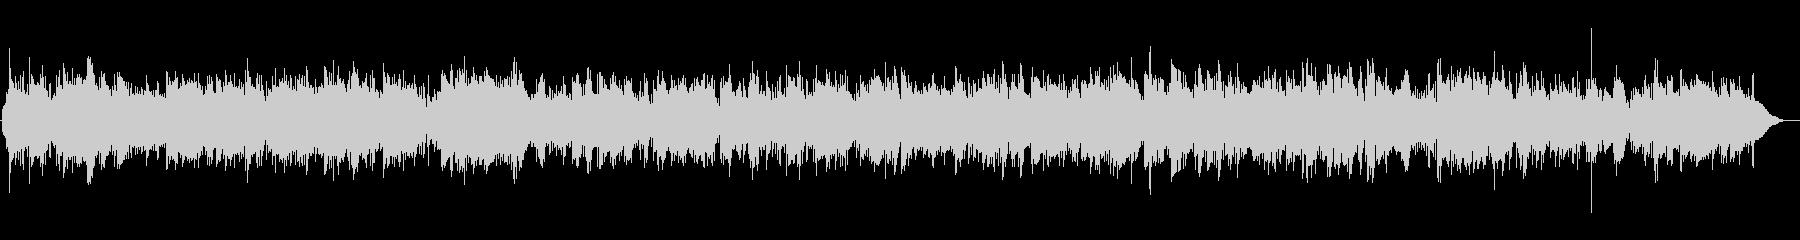 アイリッシュの民謡の代表曲の未再生の波形